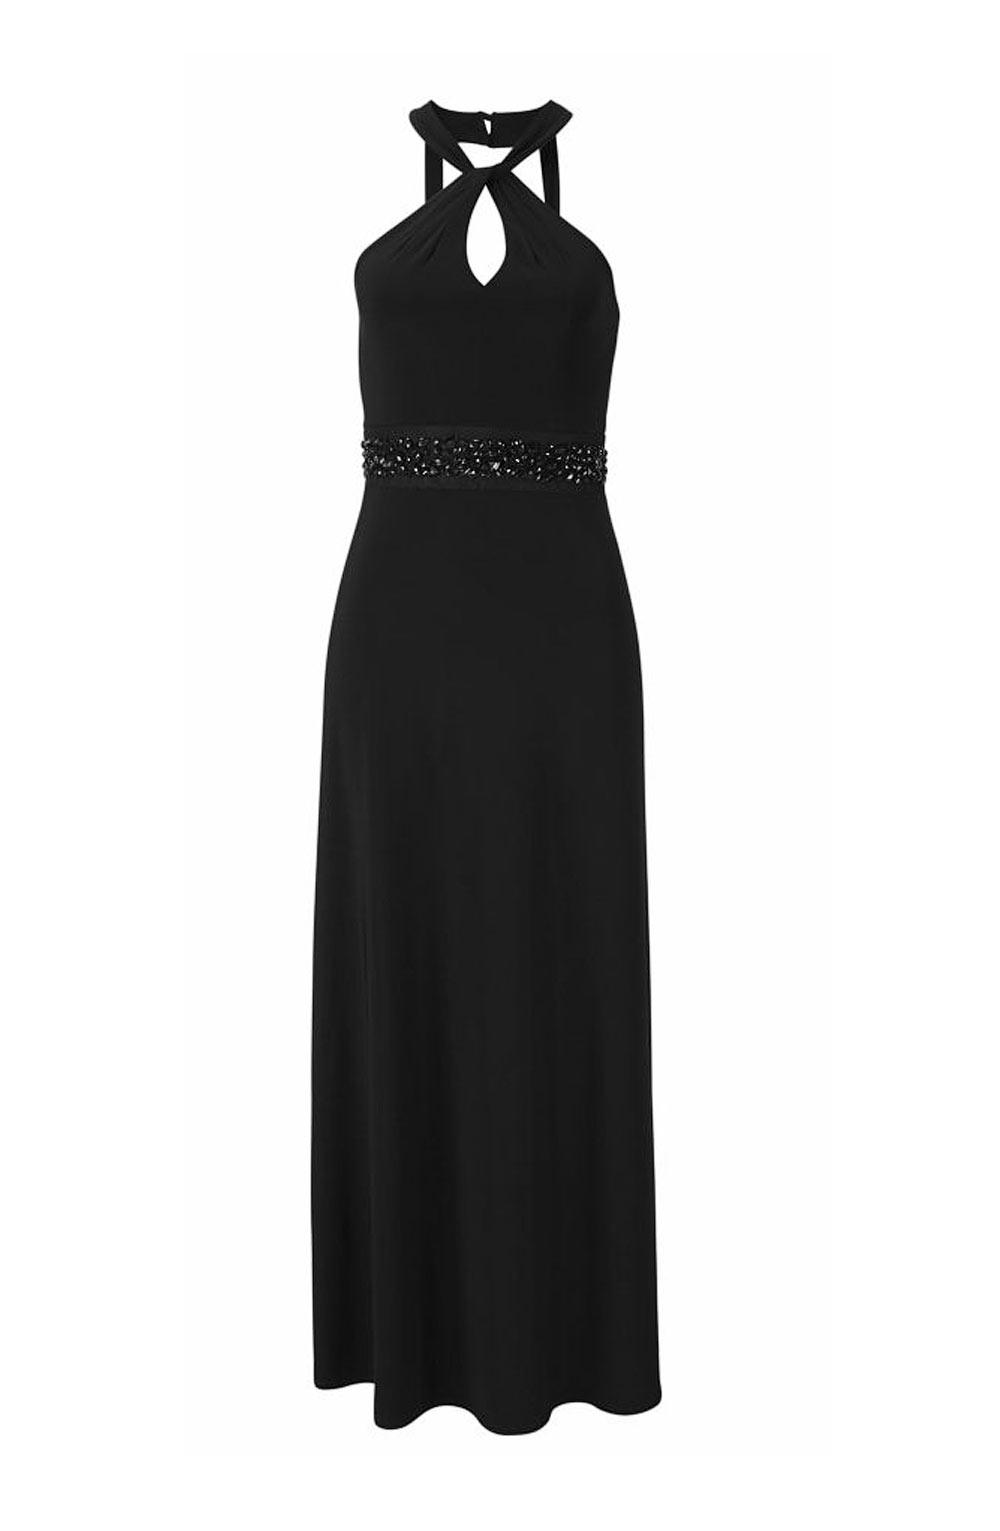 Dámské společenské maxi šaty s kameny černé (Melrose)